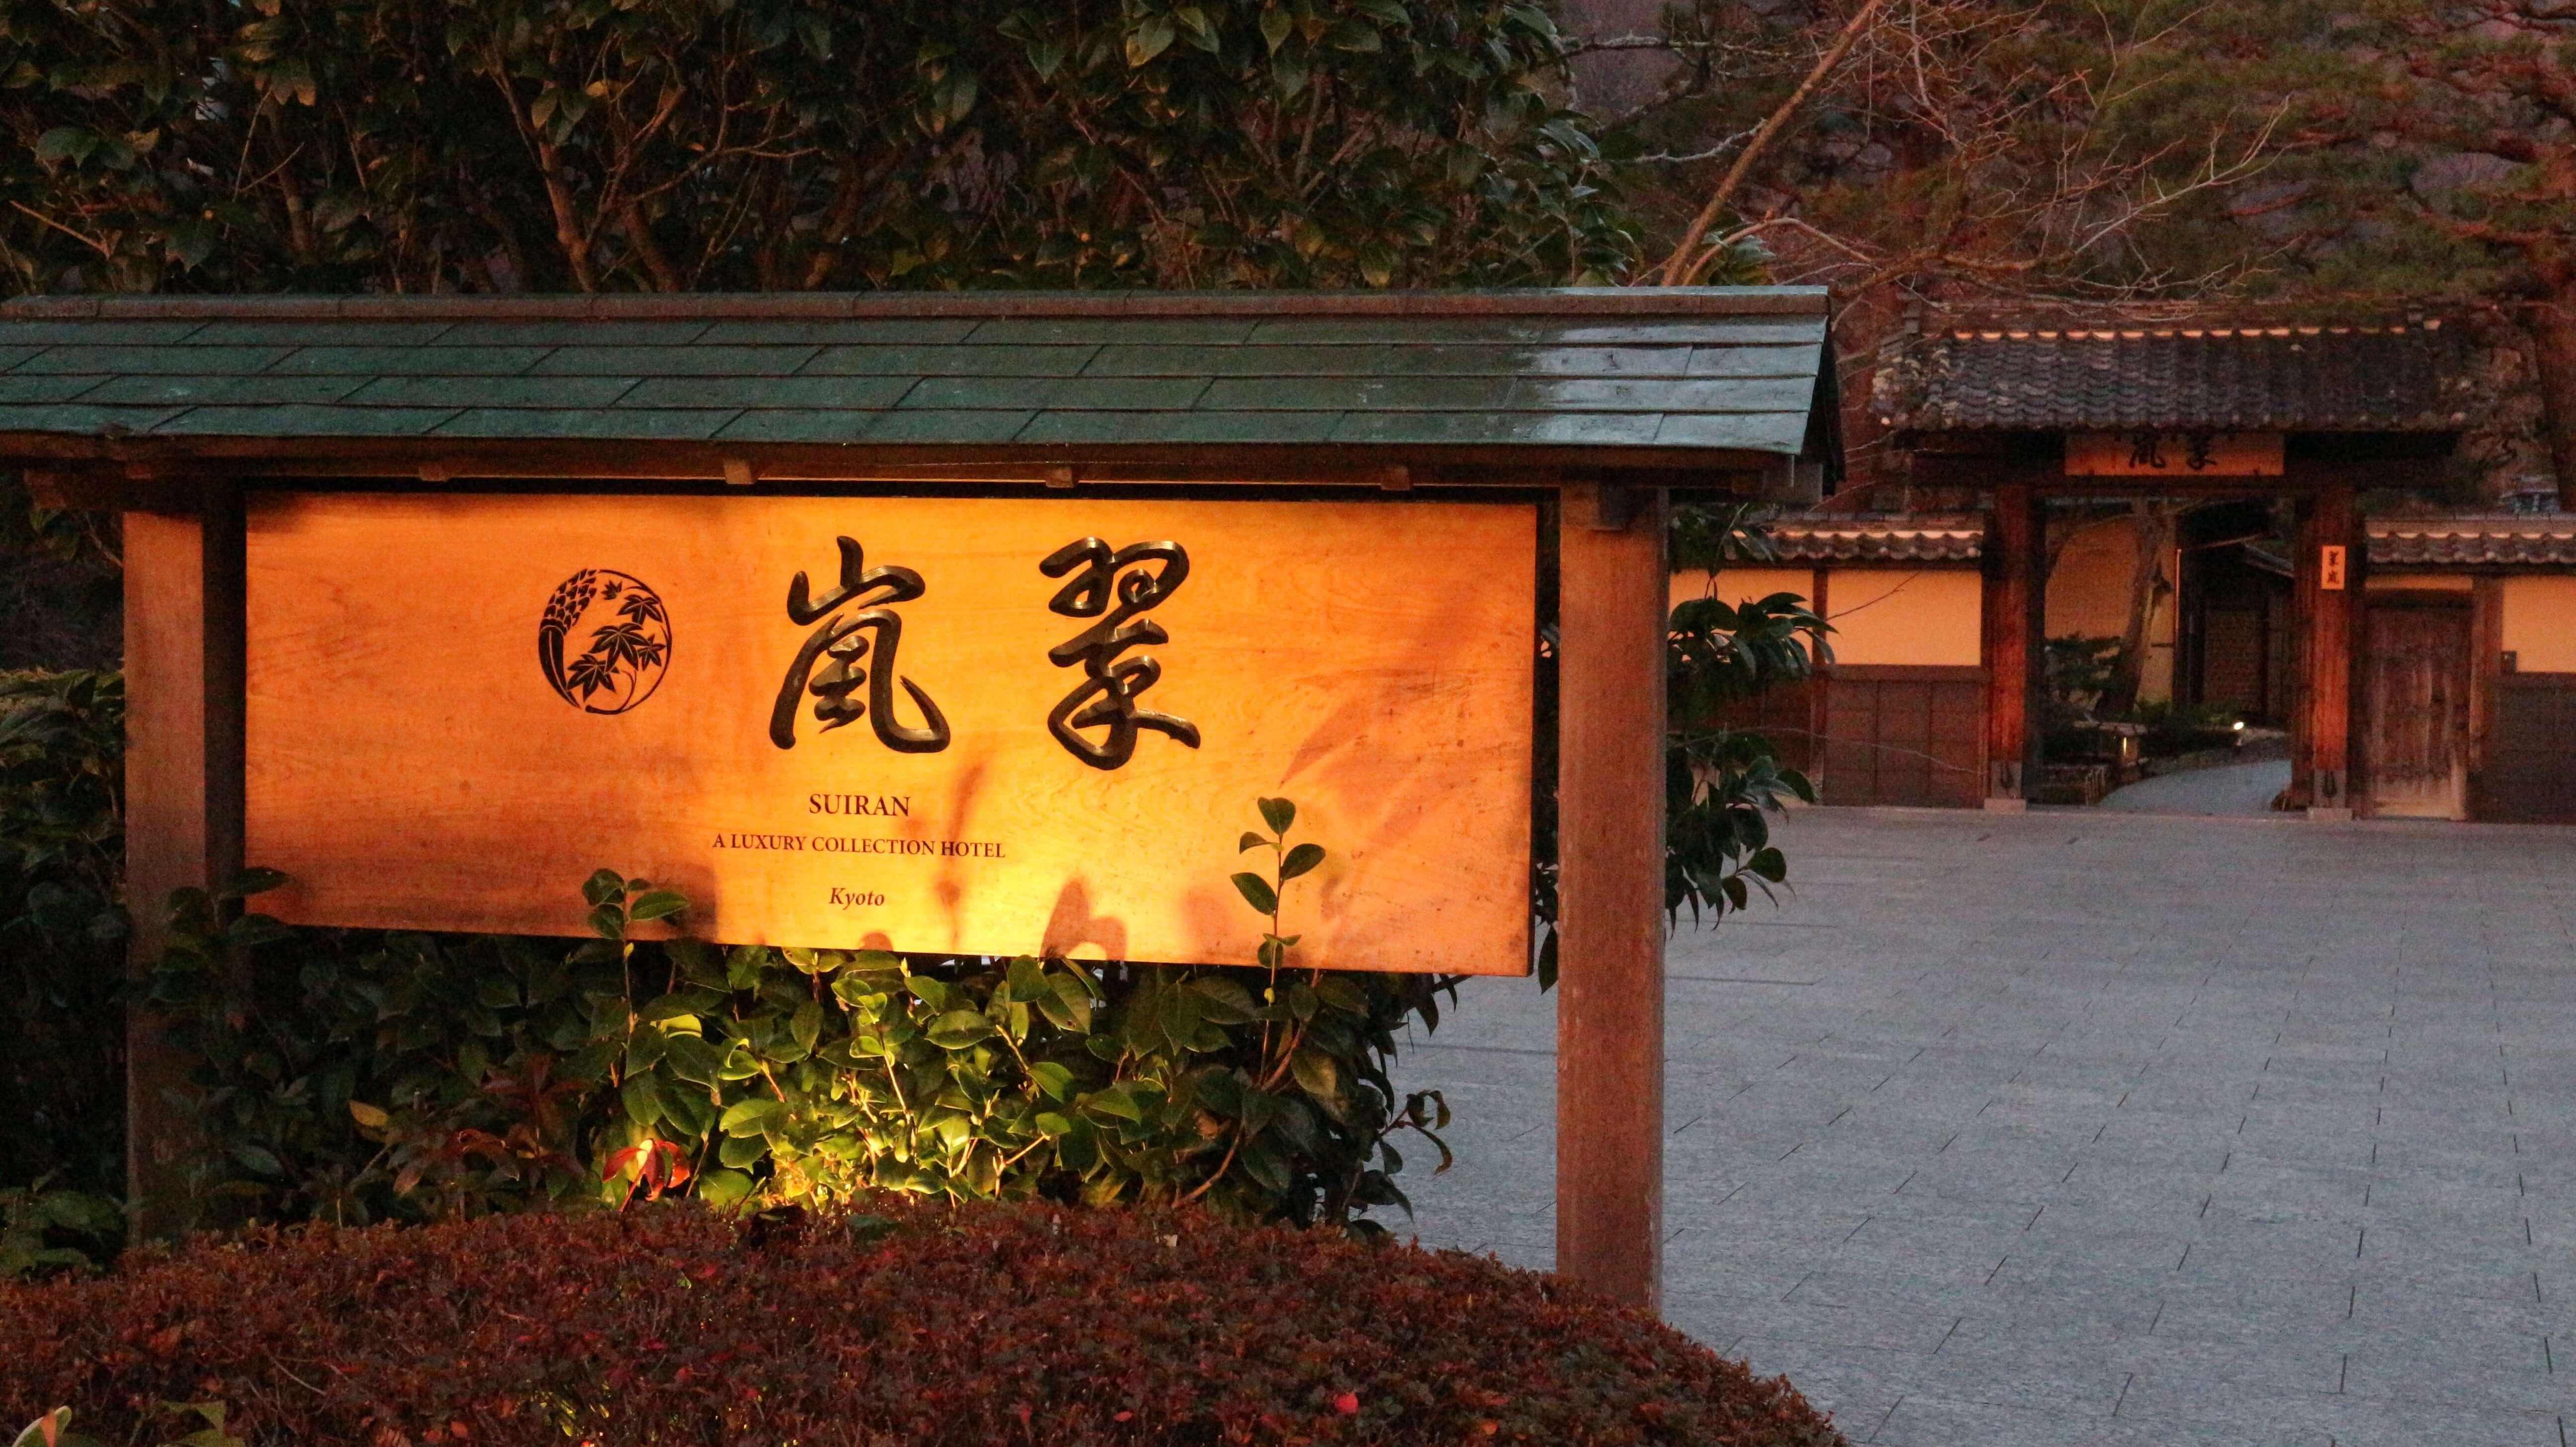 翠嵐ラグジュアリーコレクションホテル京都宿泊記~素晴らしいサービスを満喫!